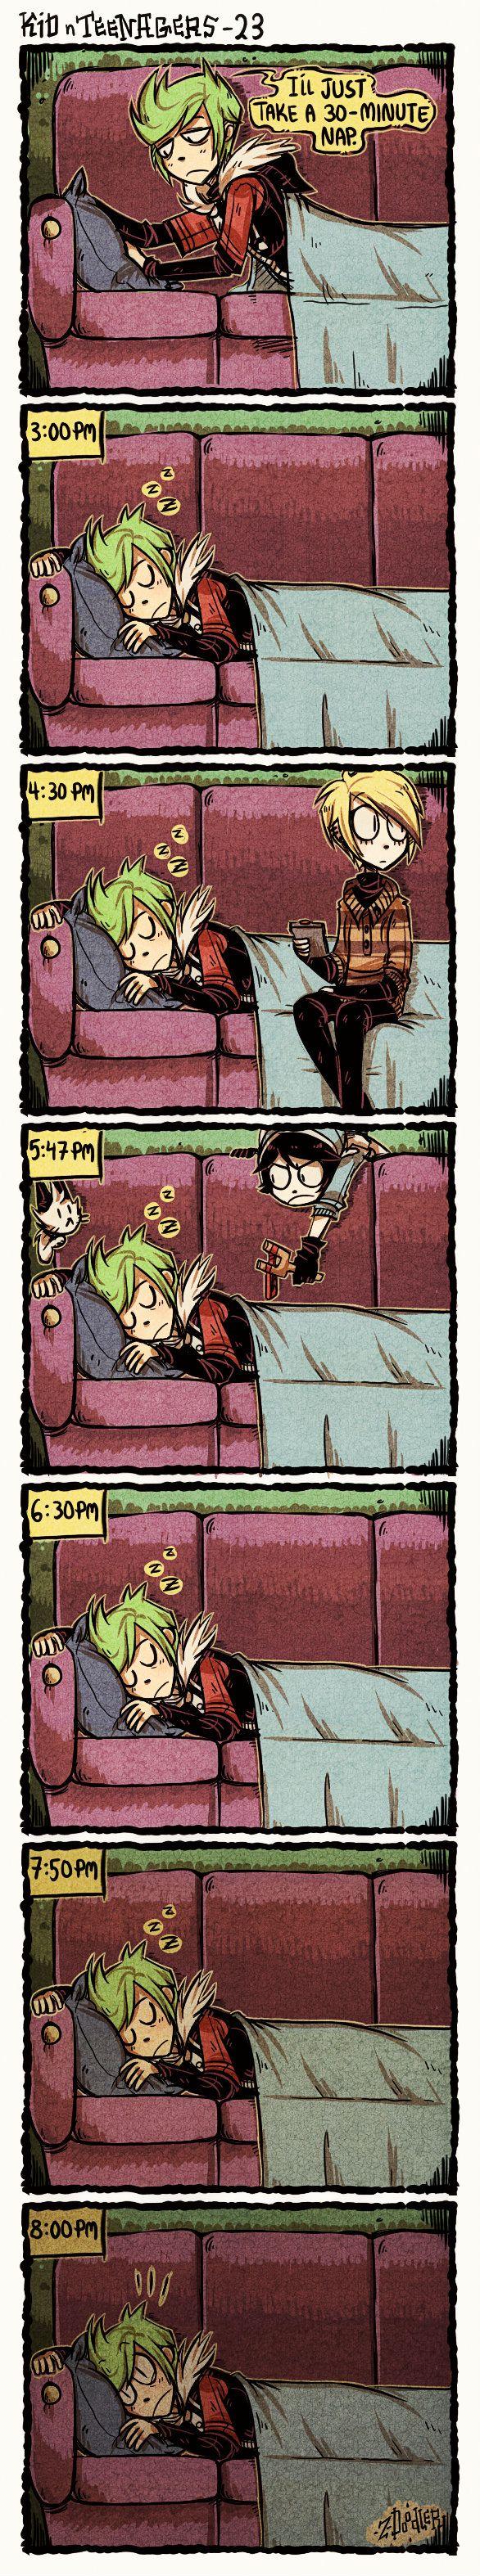 +KnT : Naps+ by Z-Doodler.deviantart.com on @DeviantArt